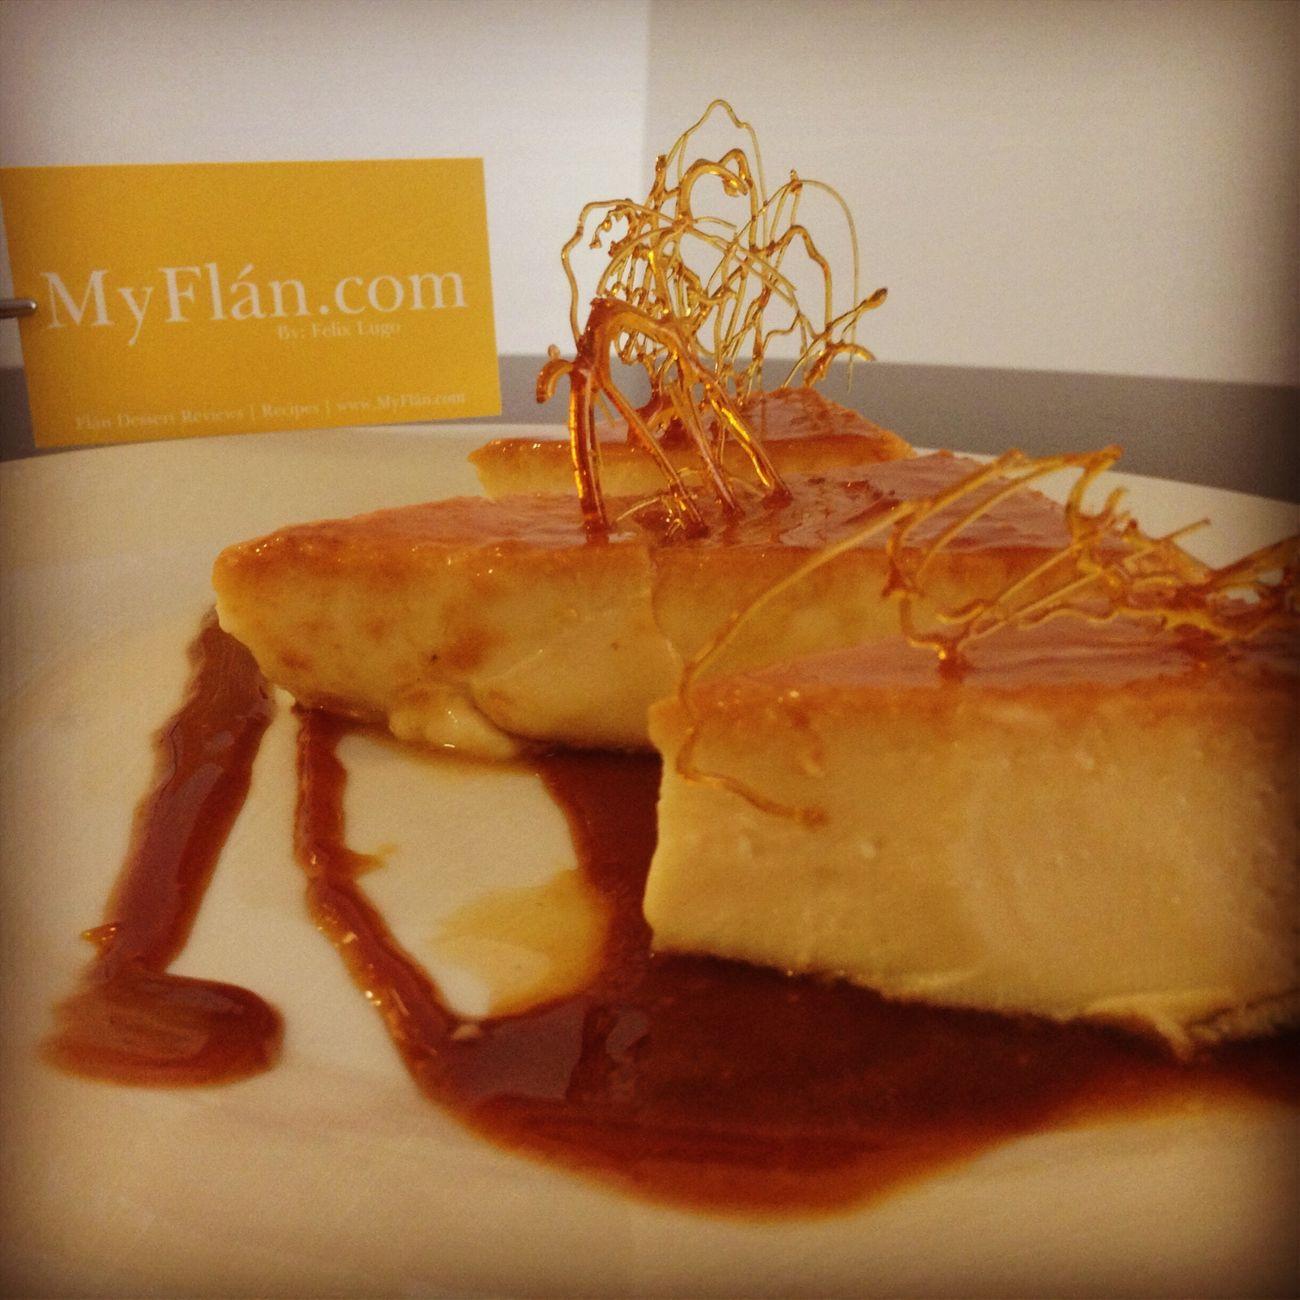 Flan Pudim Myflan Dessert Dessert Porn Foodporn Baked Goods Baker